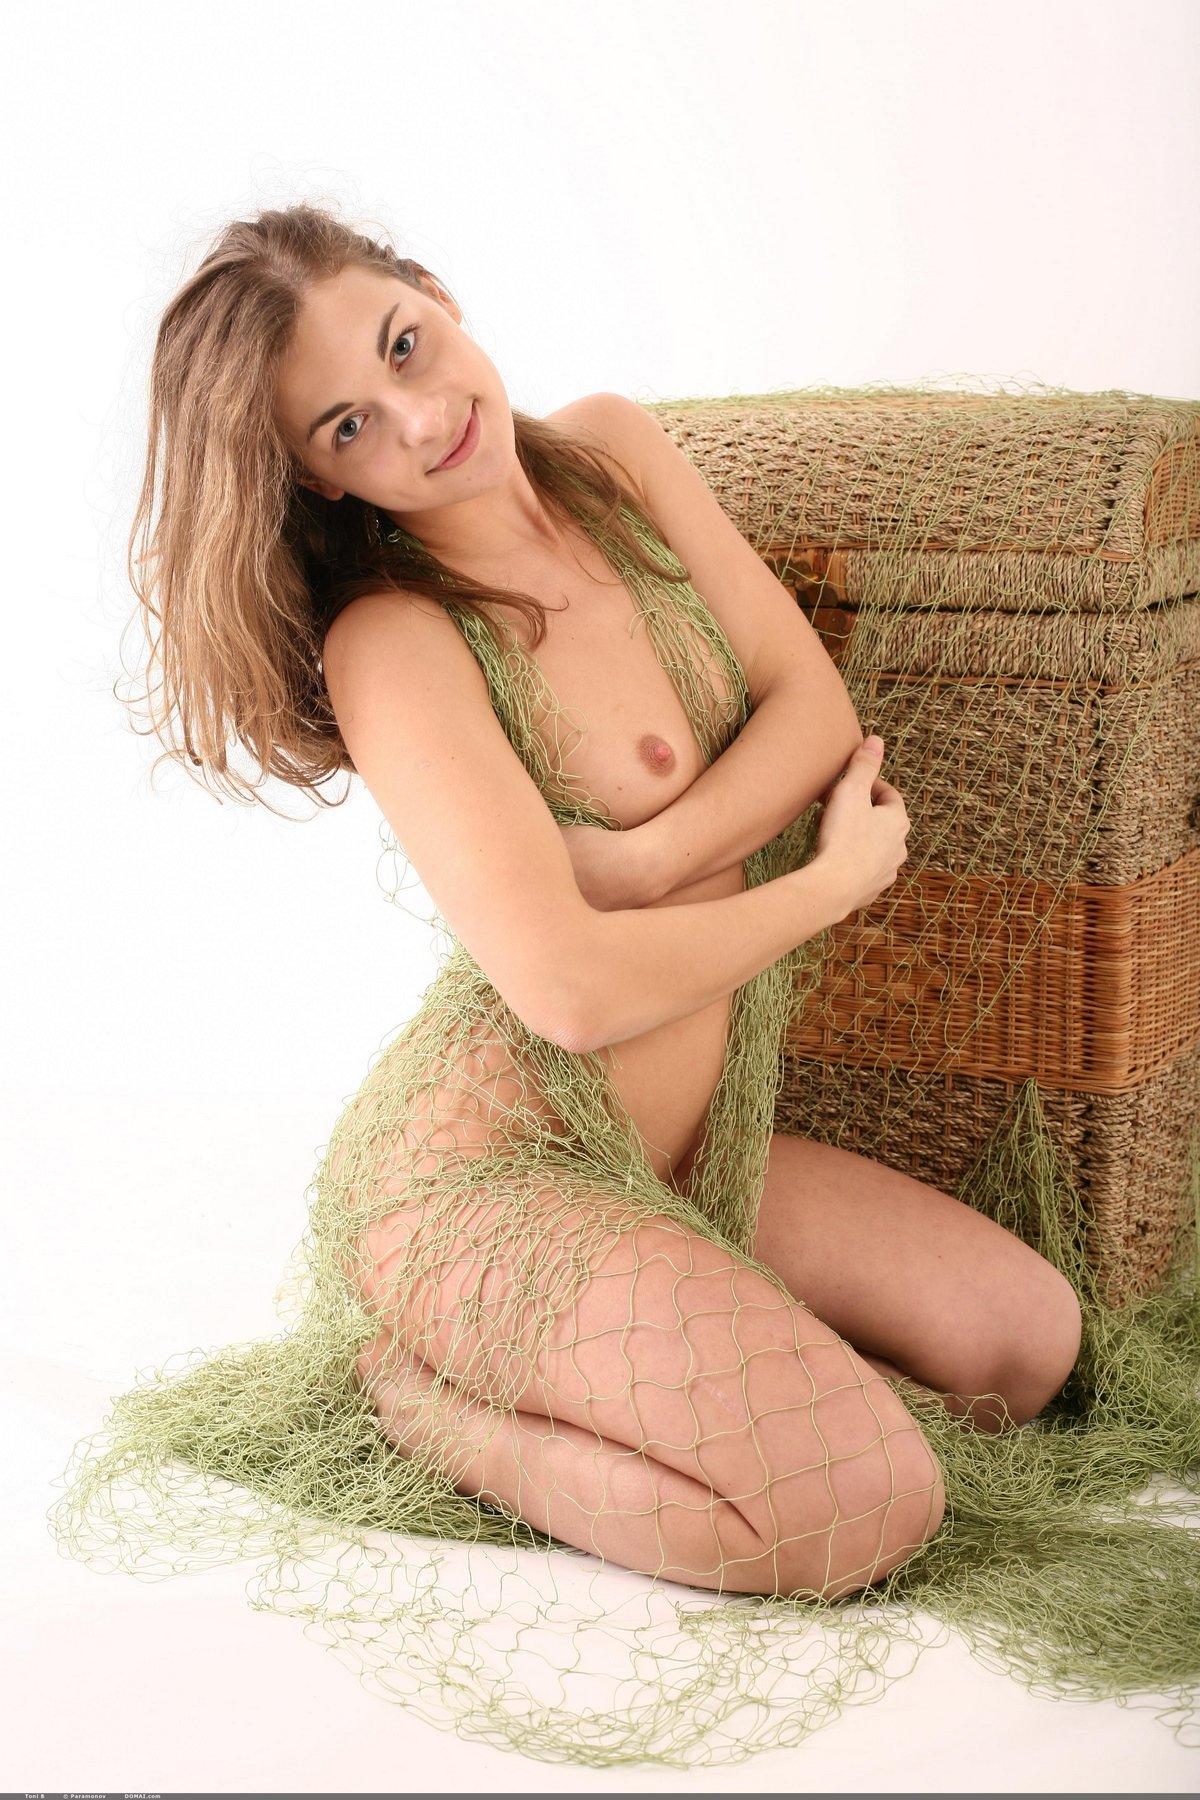 Toni опутала обнаженные дойки сетью